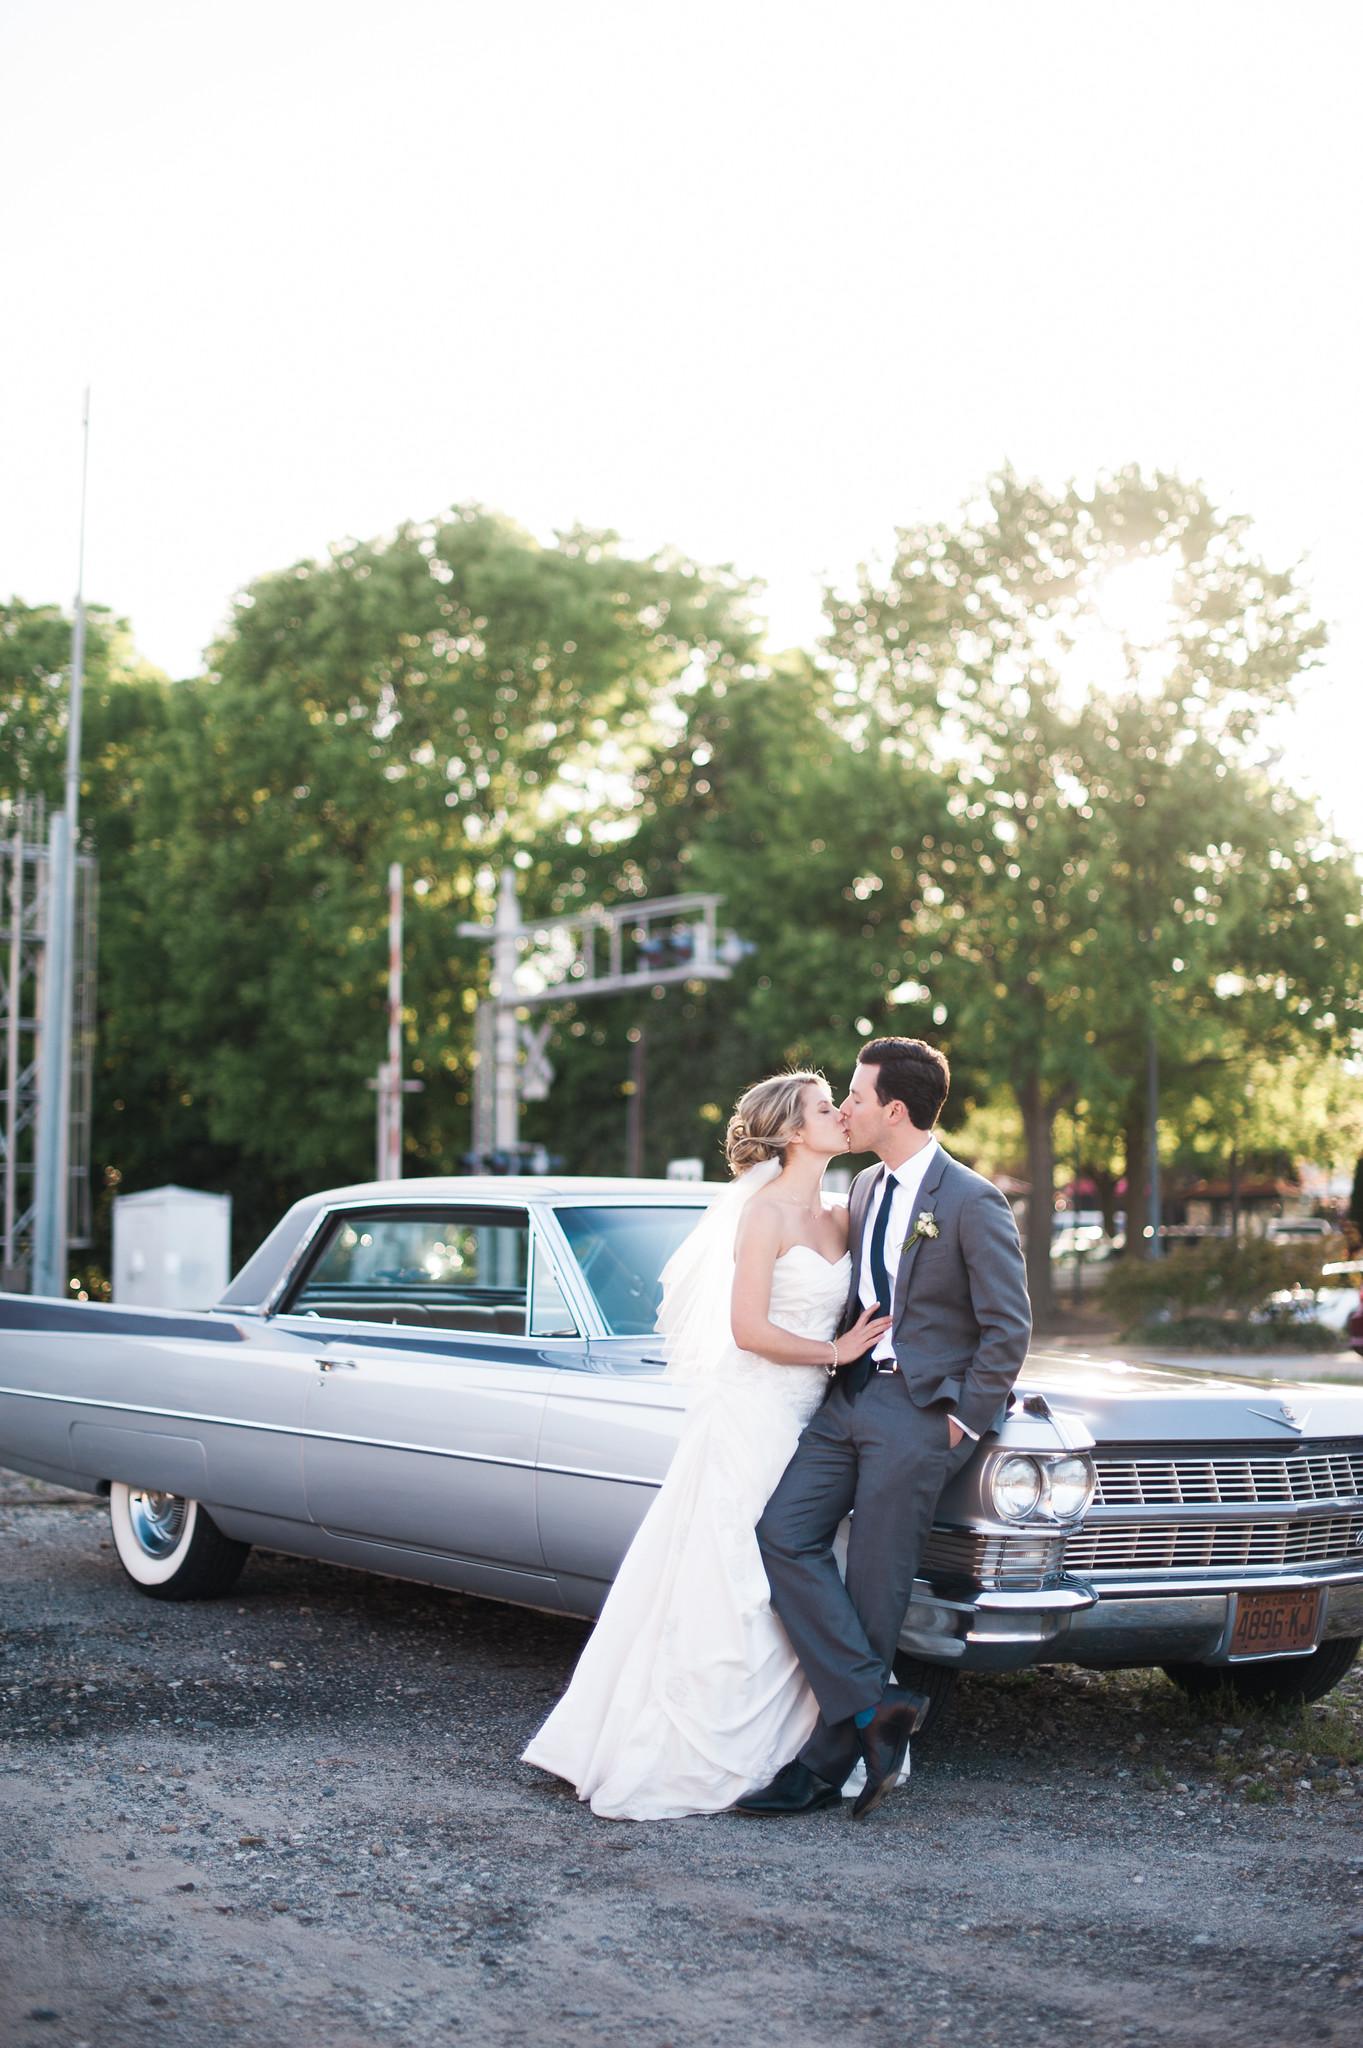 ernst-wedding-294-X4.jpg